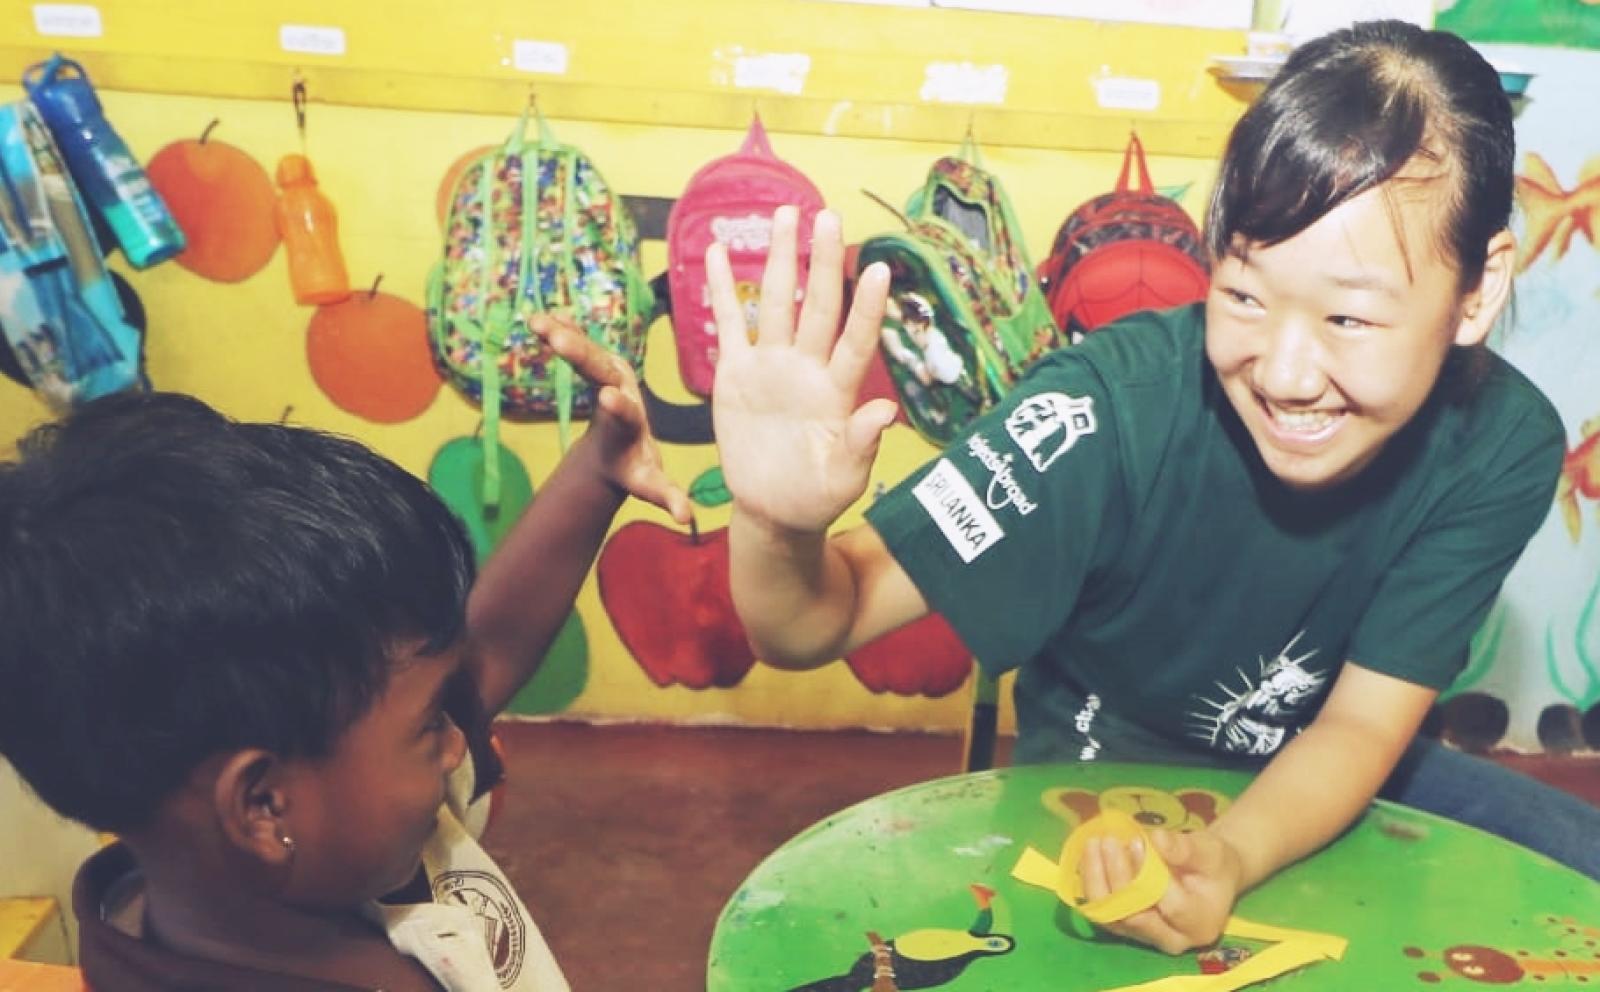 スリランカの幼稚園生とハイタッチをする高校生ボランティア澁川実結さん